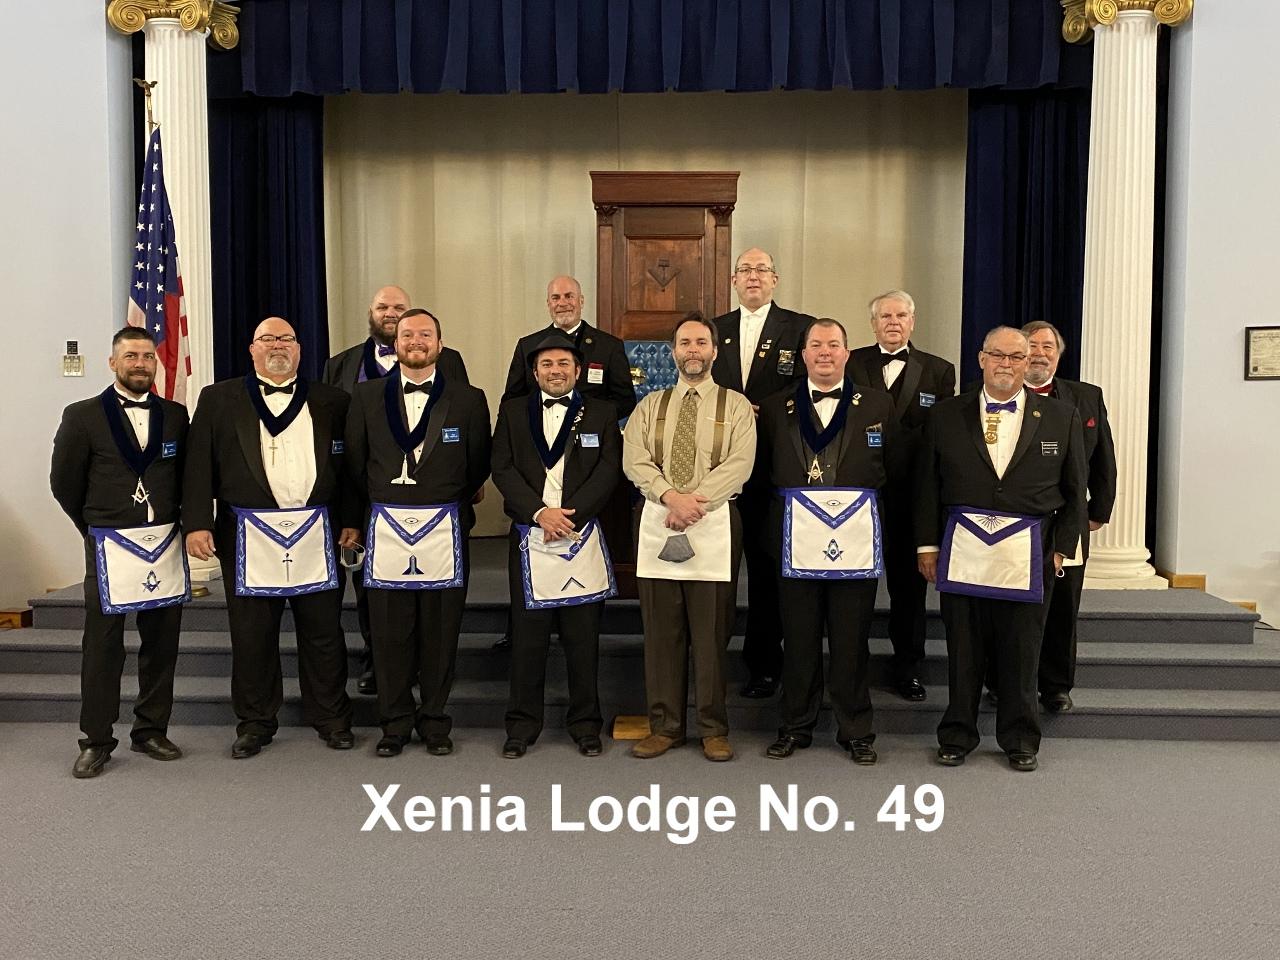 Xenia-Lodge-No-49a